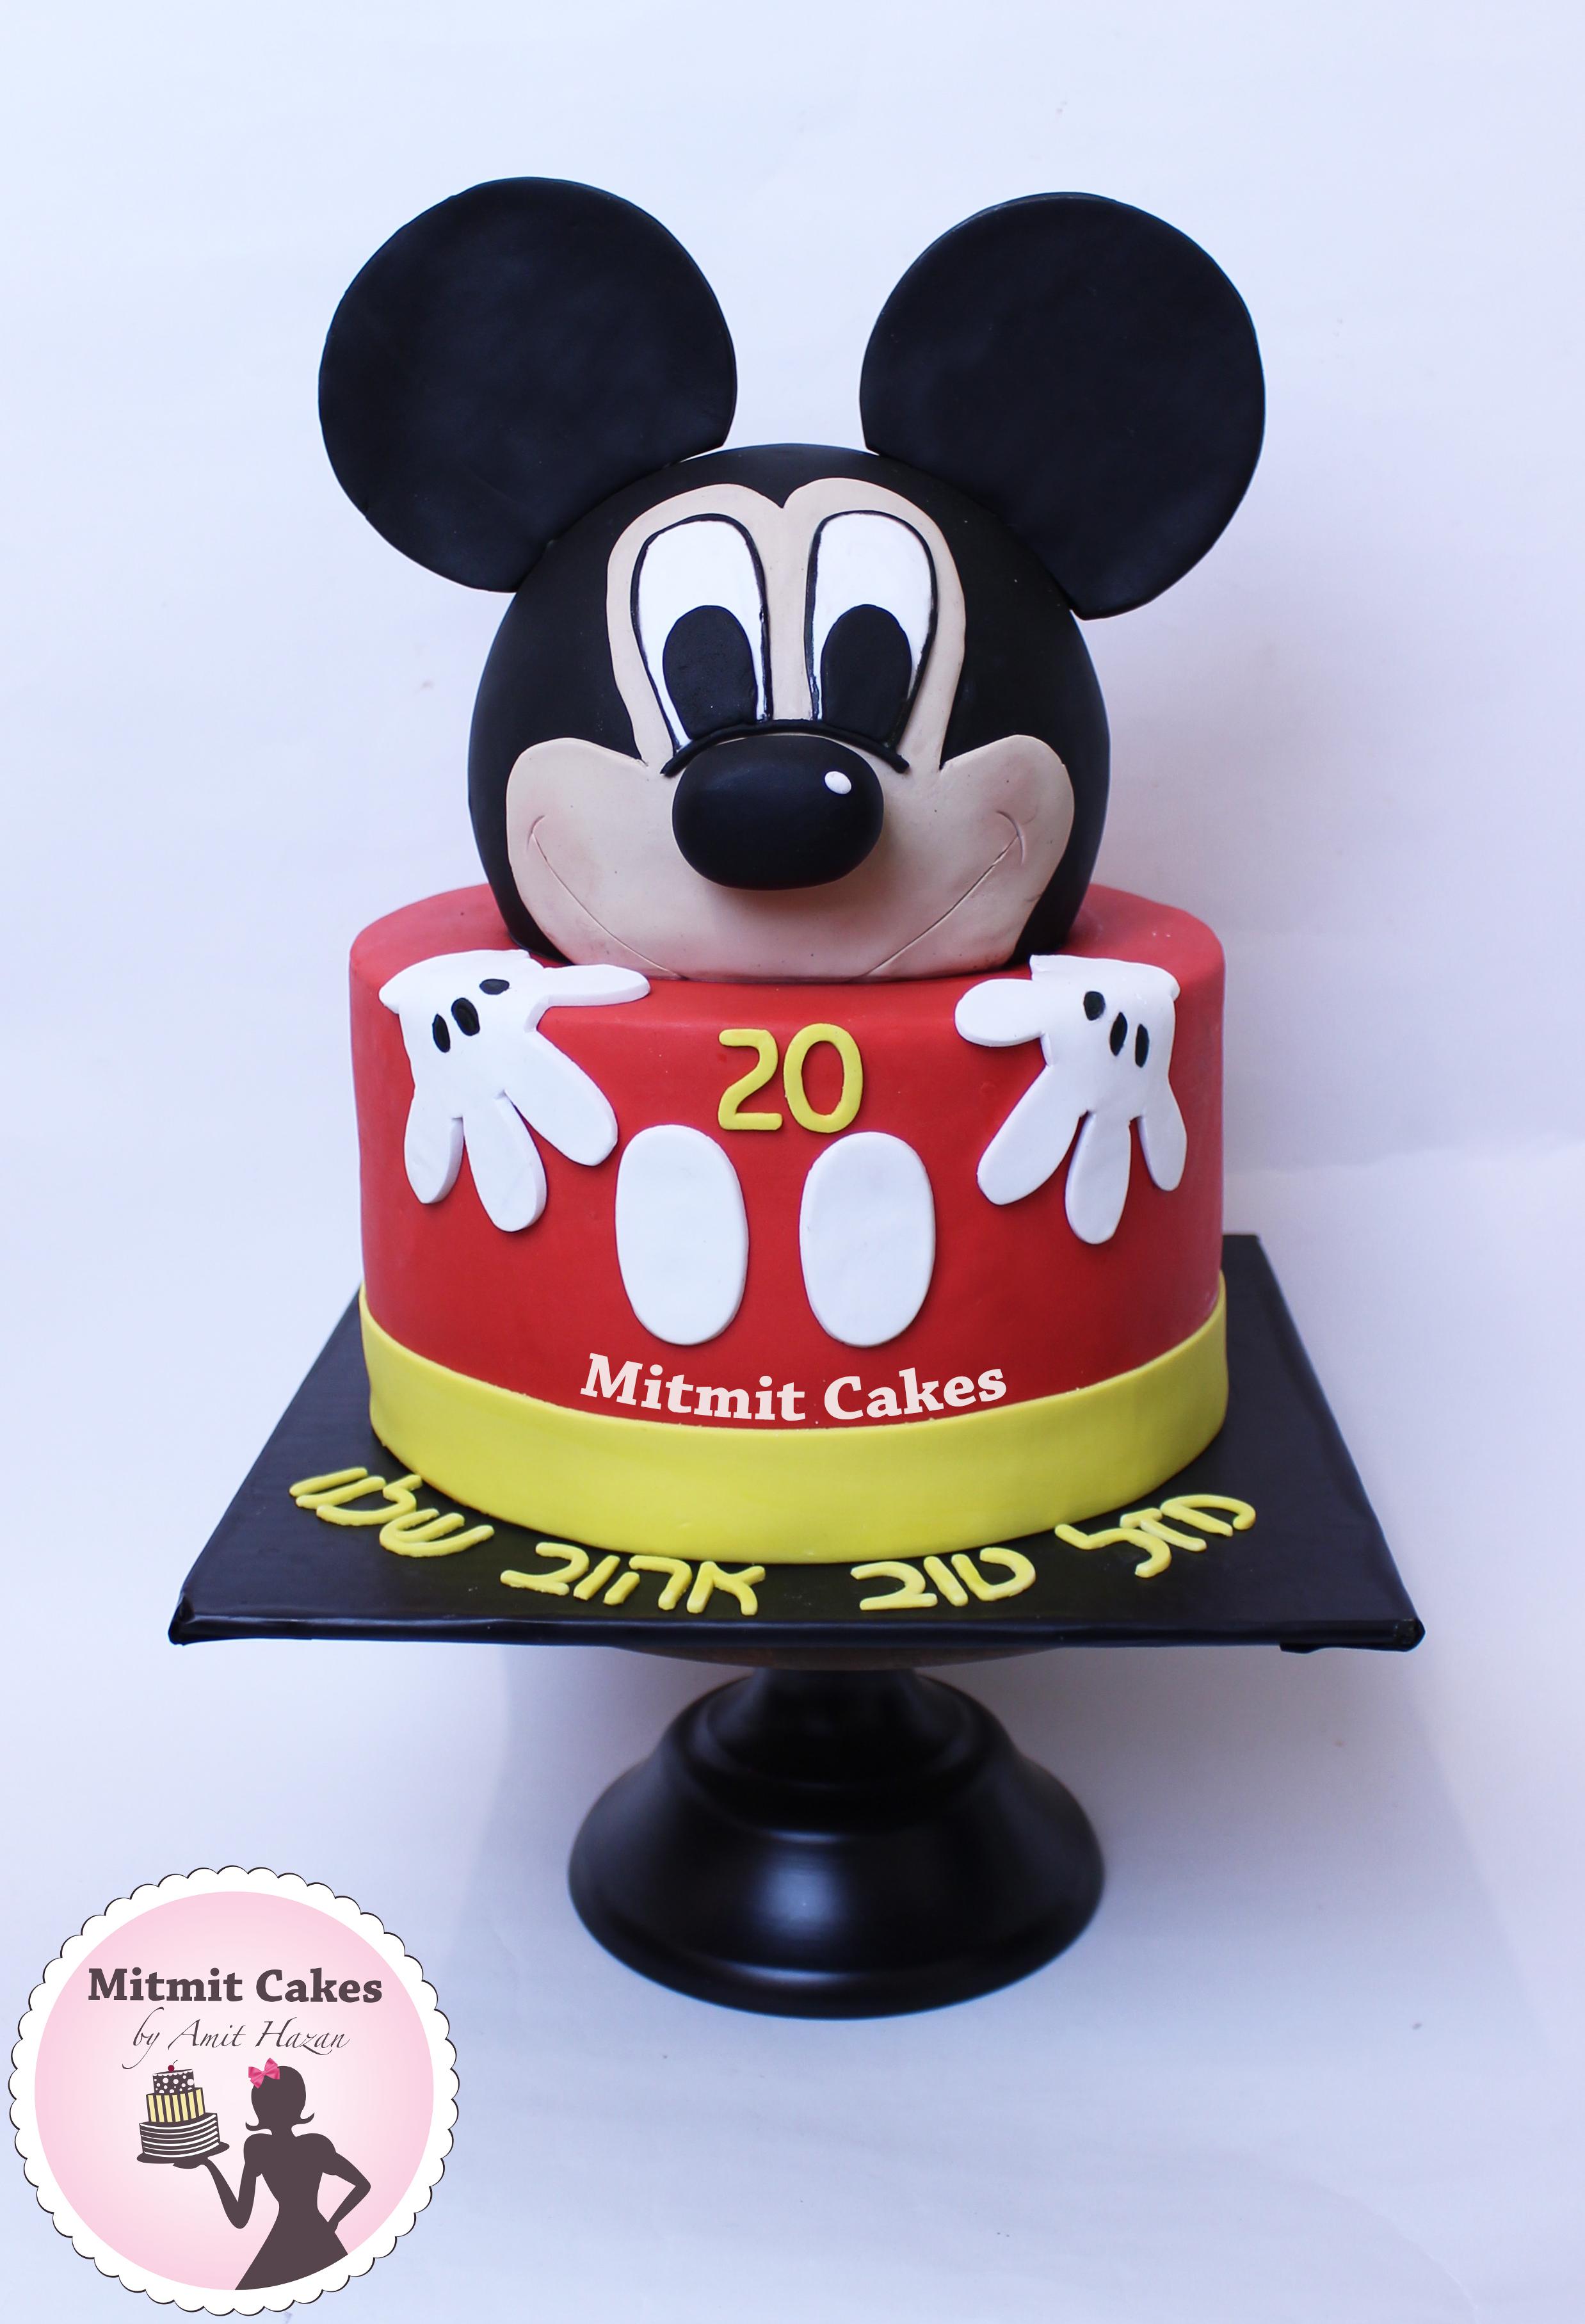 עוגה של מיקי מאוס